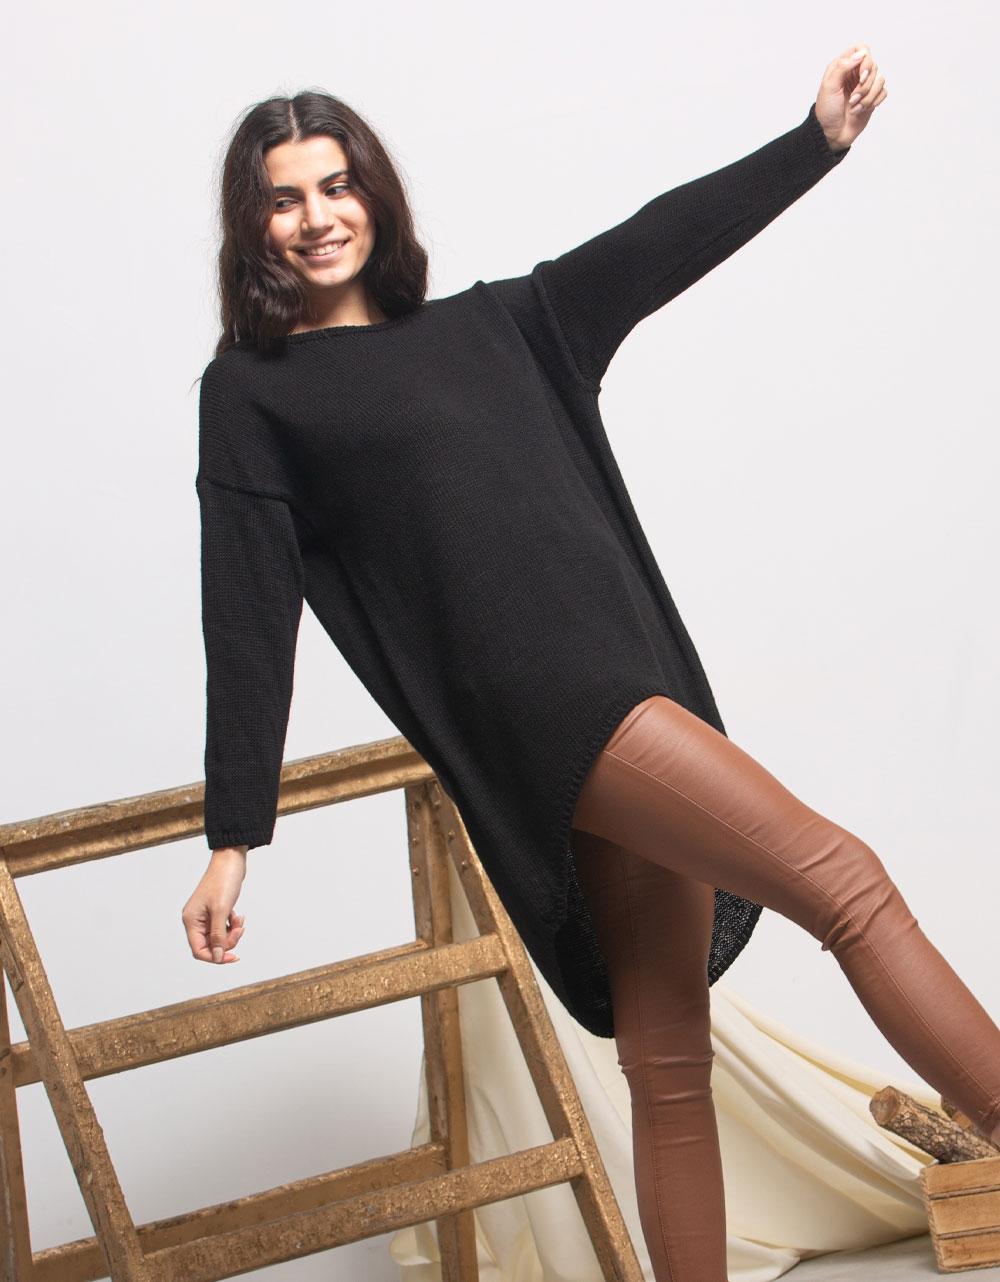 Εικόνα από Γυναικεία μπλούζα με ασύμμετρο σχέδιο Μαύρο